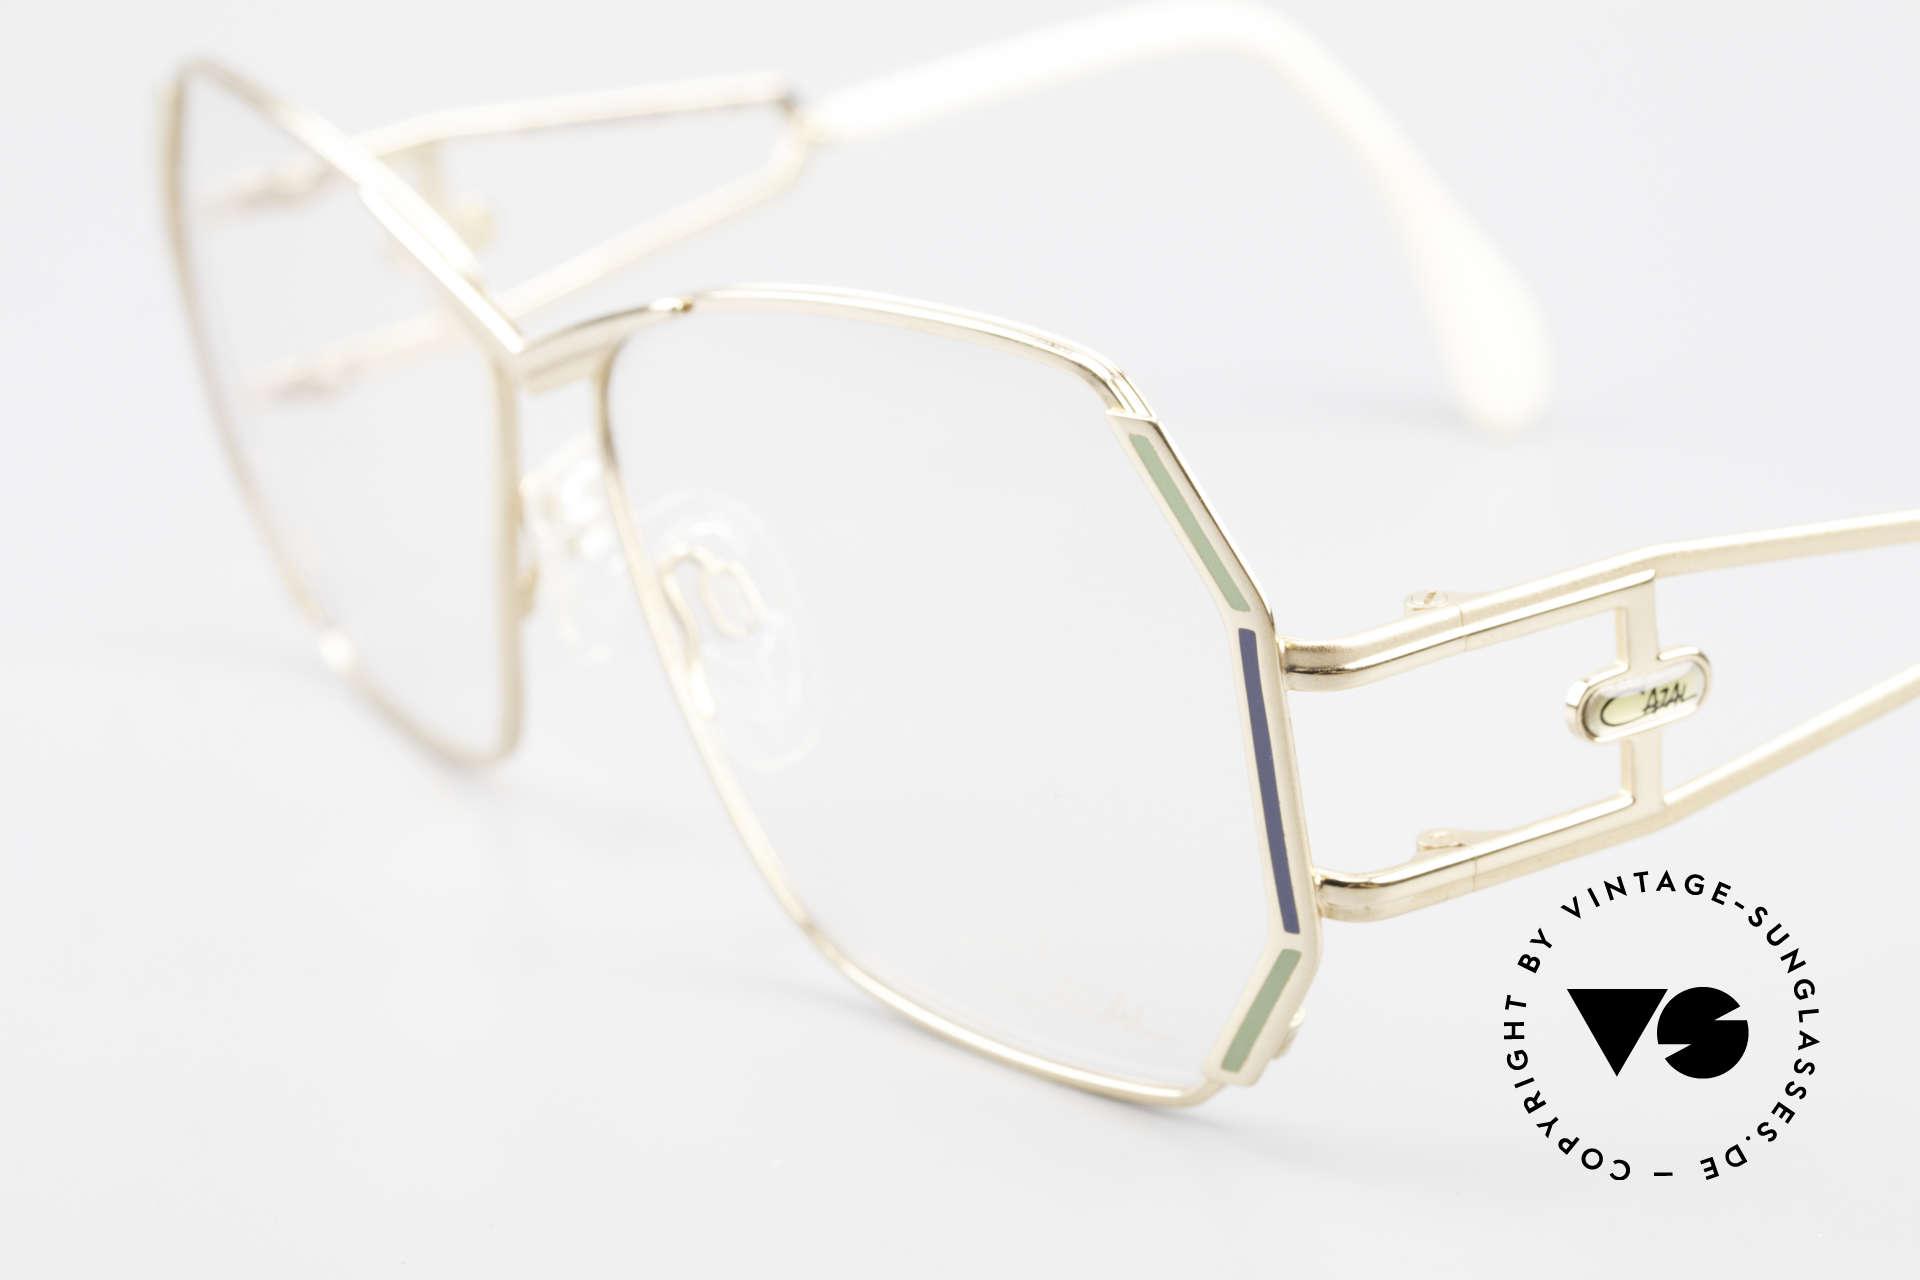 Cazal 225 Old School 80er HipHop Brille, KEINE RETROBrille, sondern ein echtes vintage Unikat, Passend für Damen